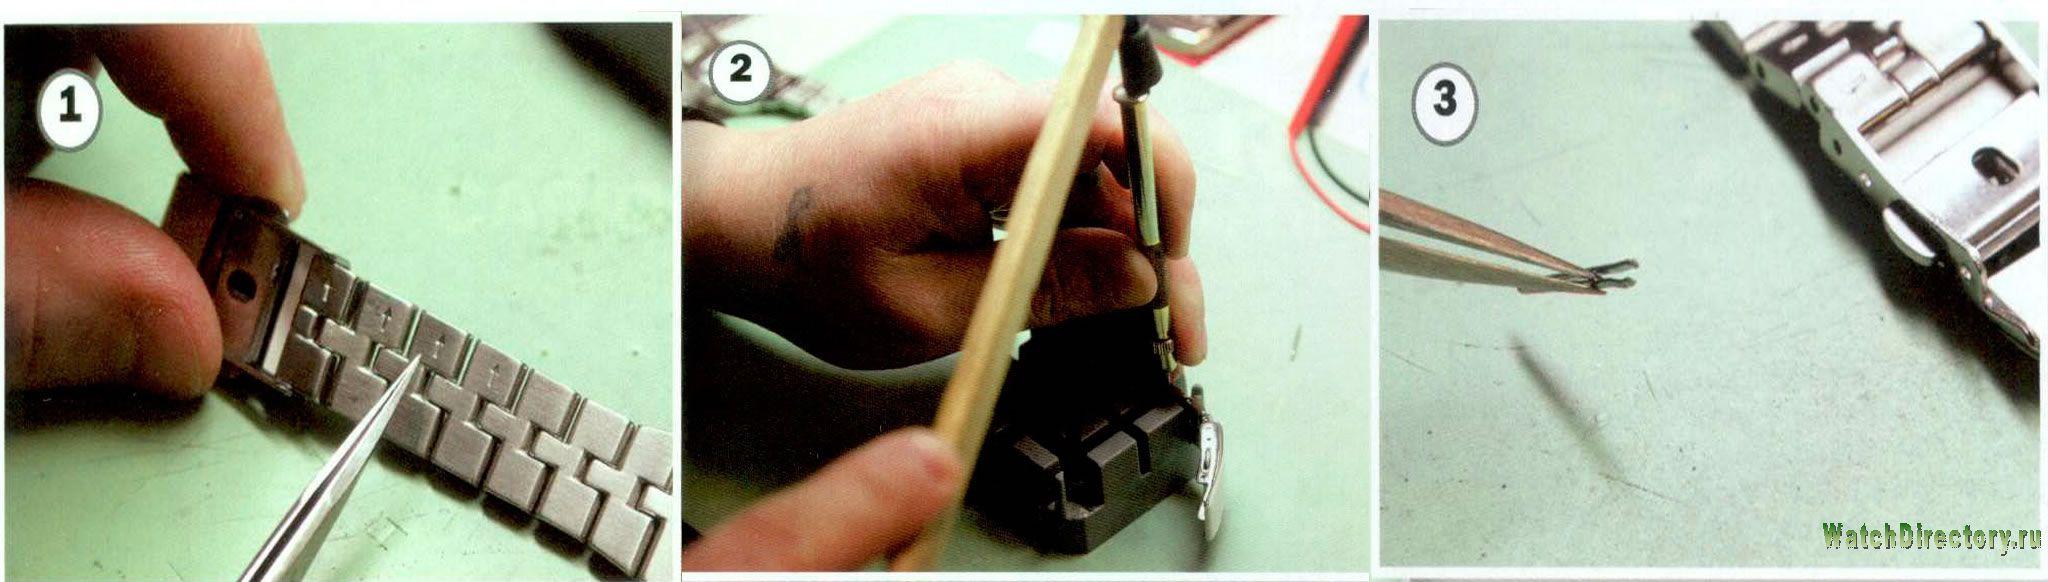 Как на часах ролекс укоротить браслет